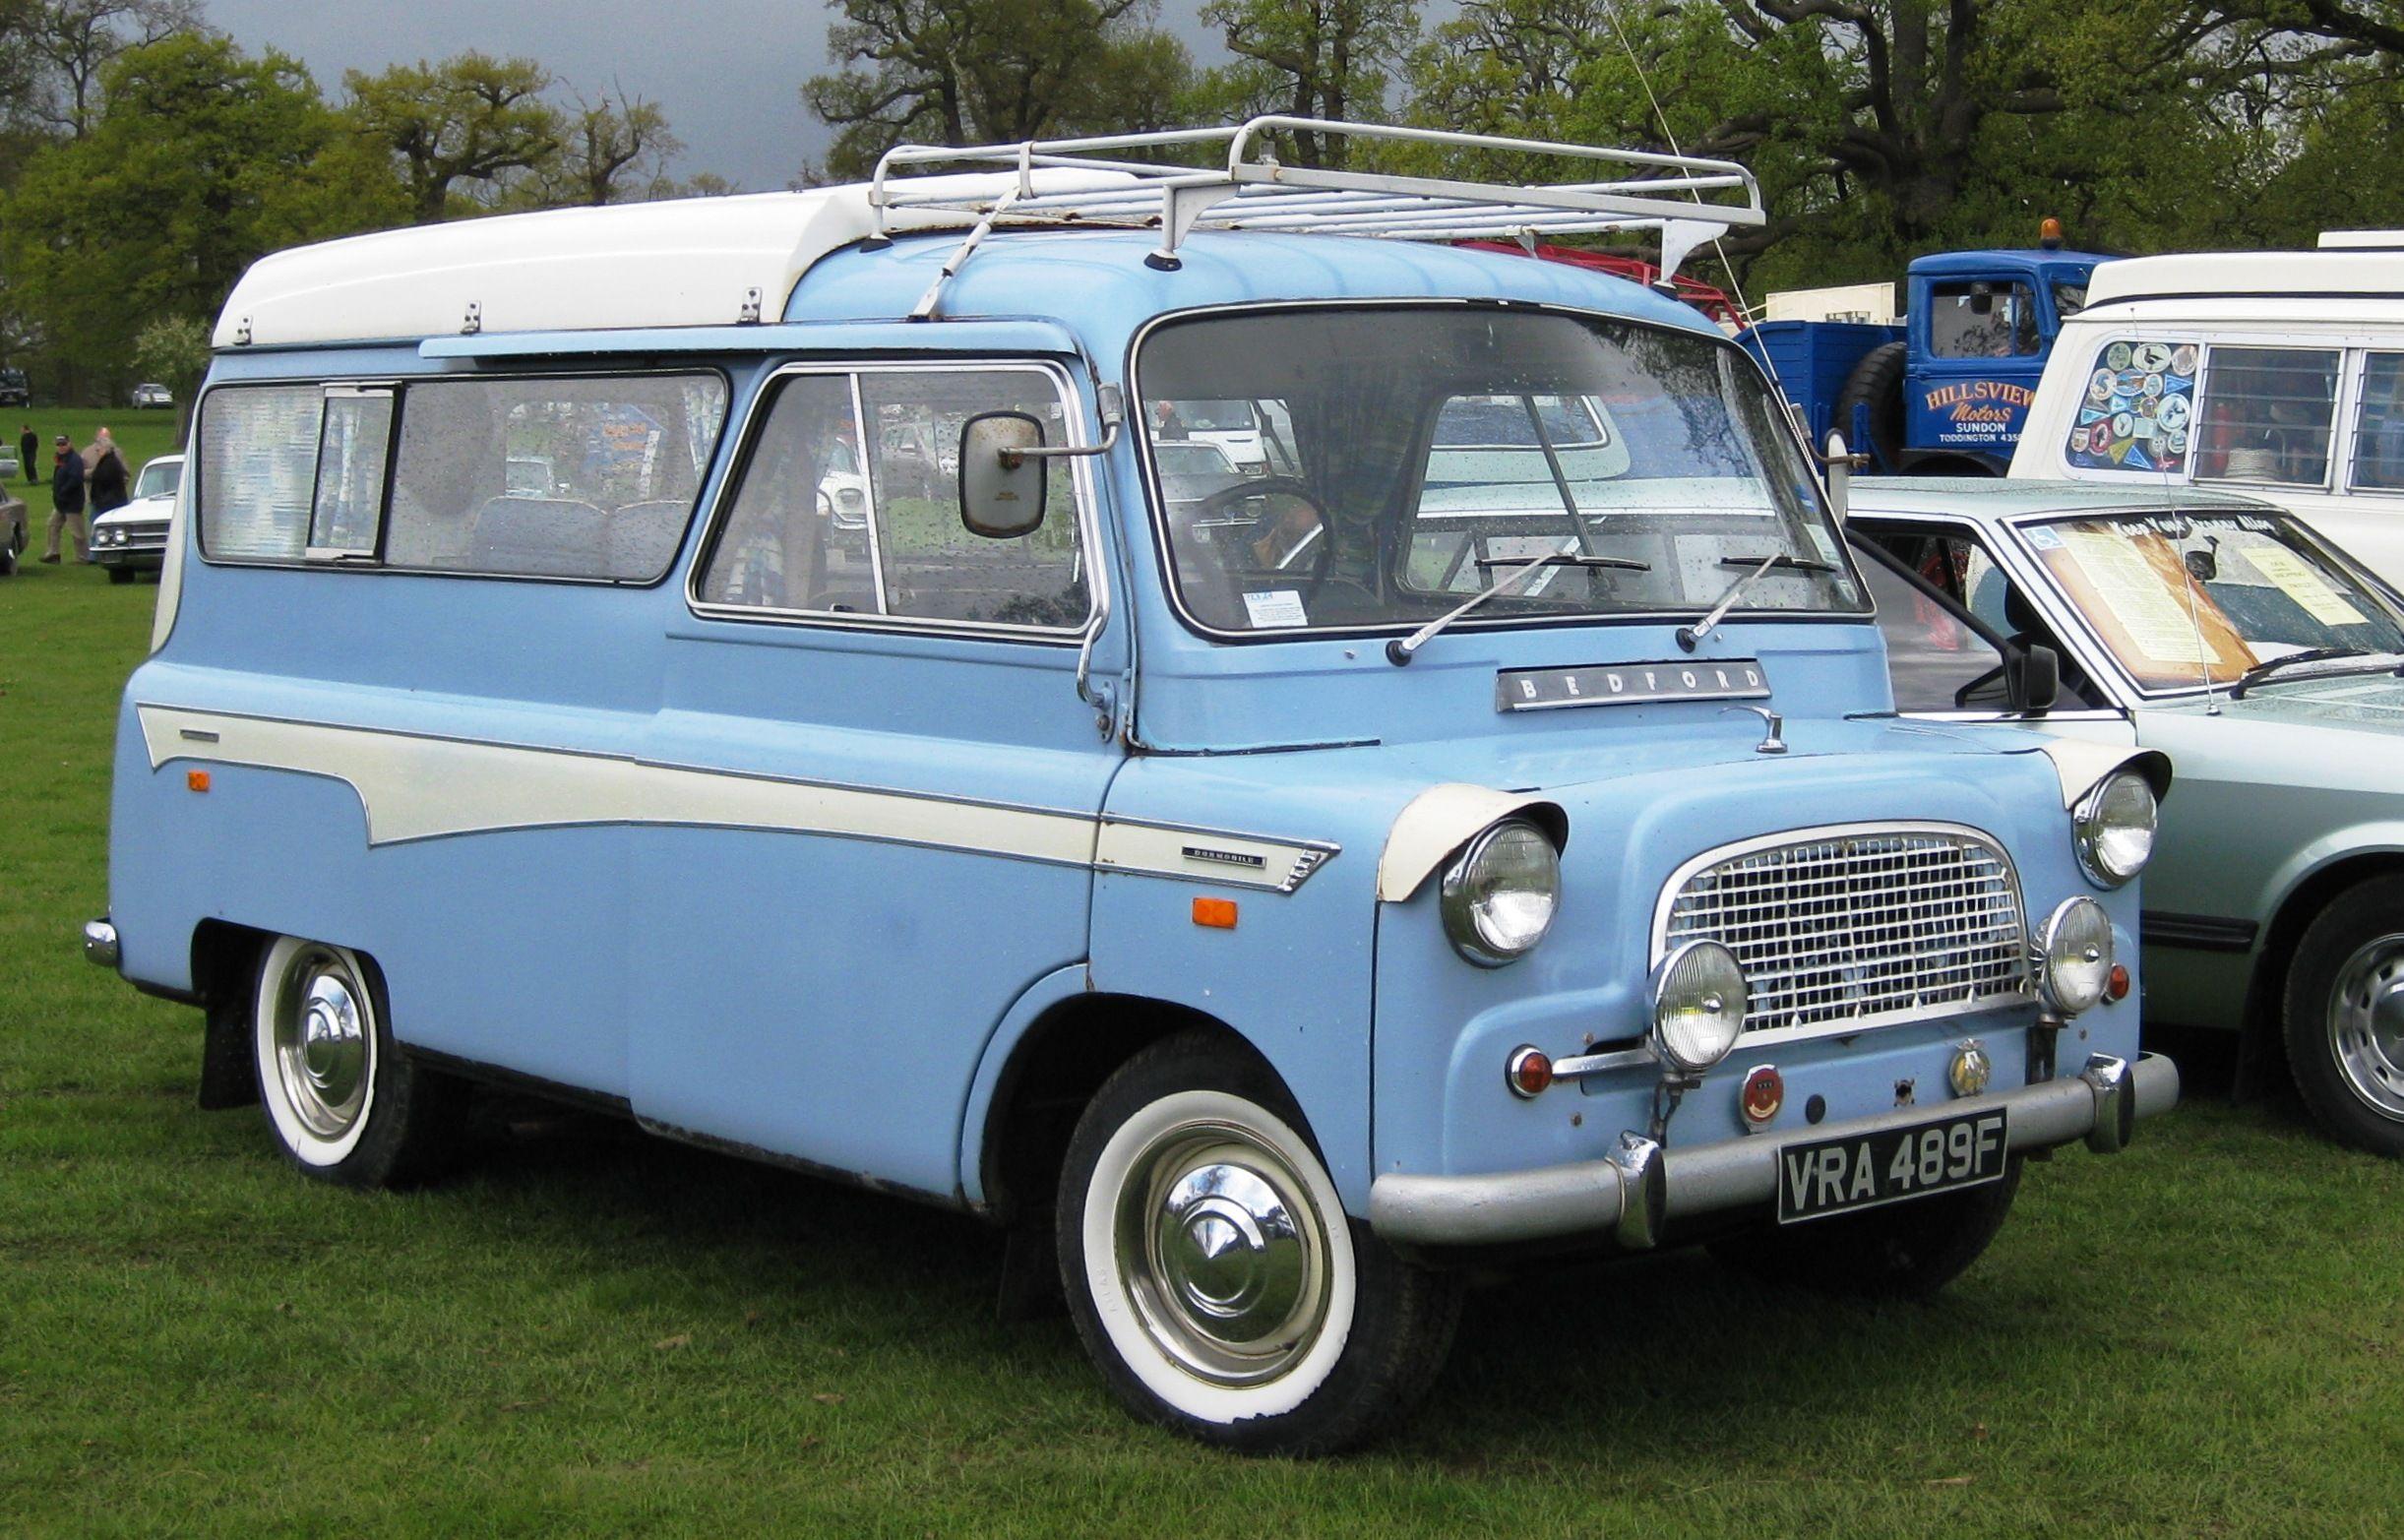 Bedford CA based Dormobile February 1968 JPG 2 443—1 565 pixels